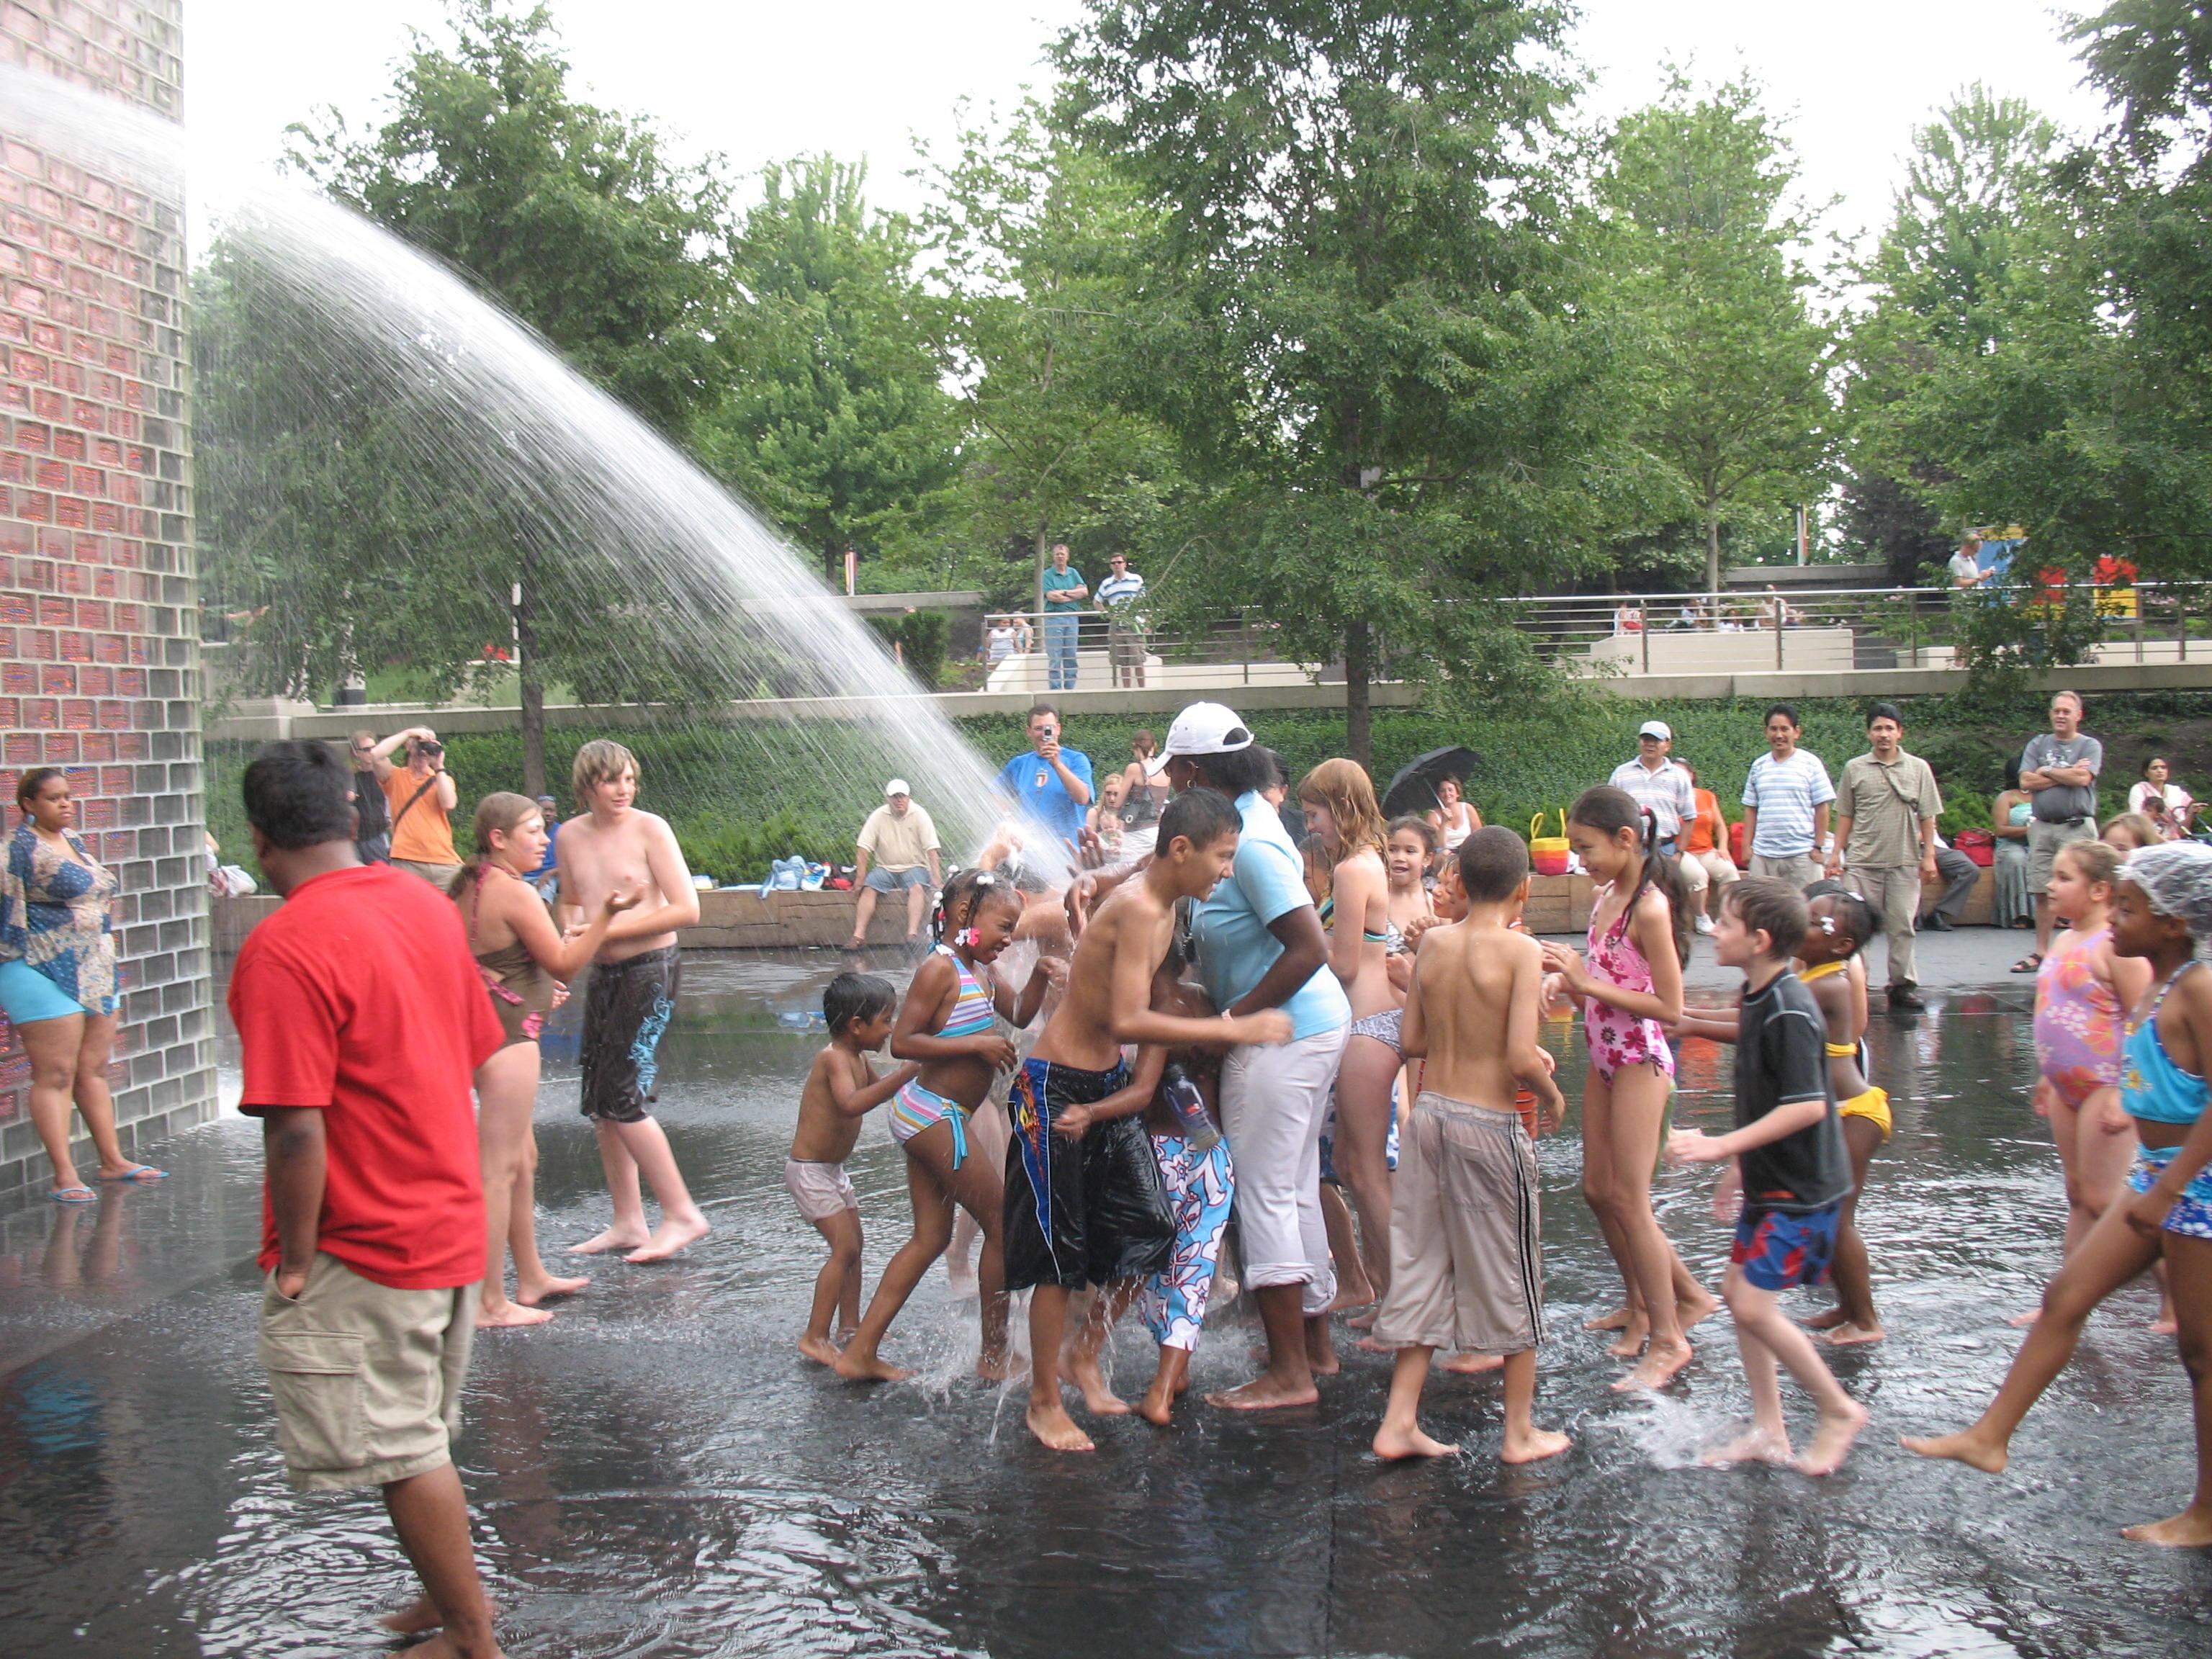 Дети купаются в фонтане фото